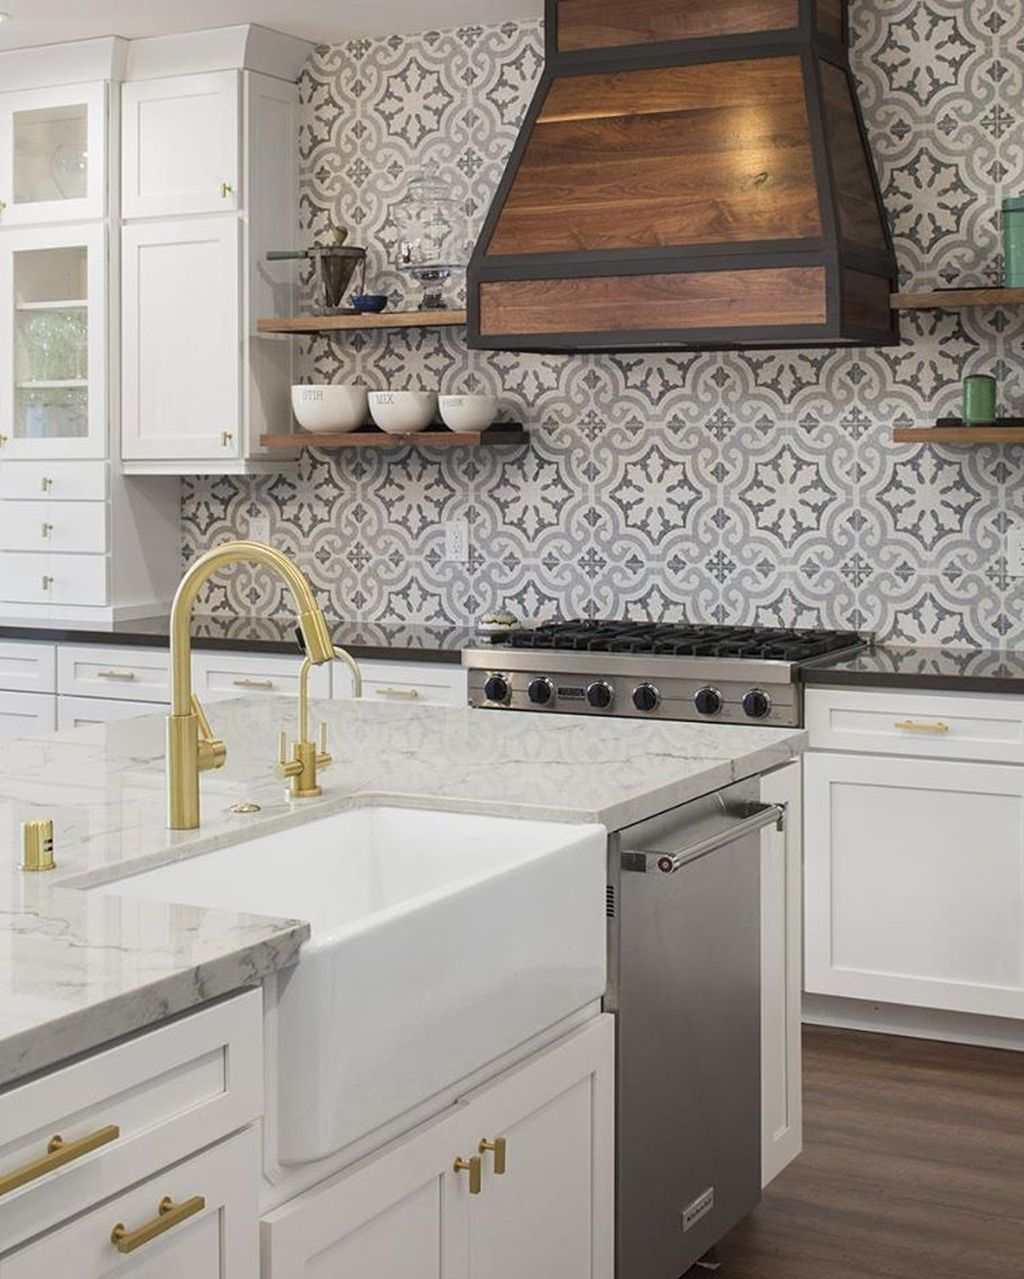 Awesome Creative Kitchen Backsplash Ideas 14